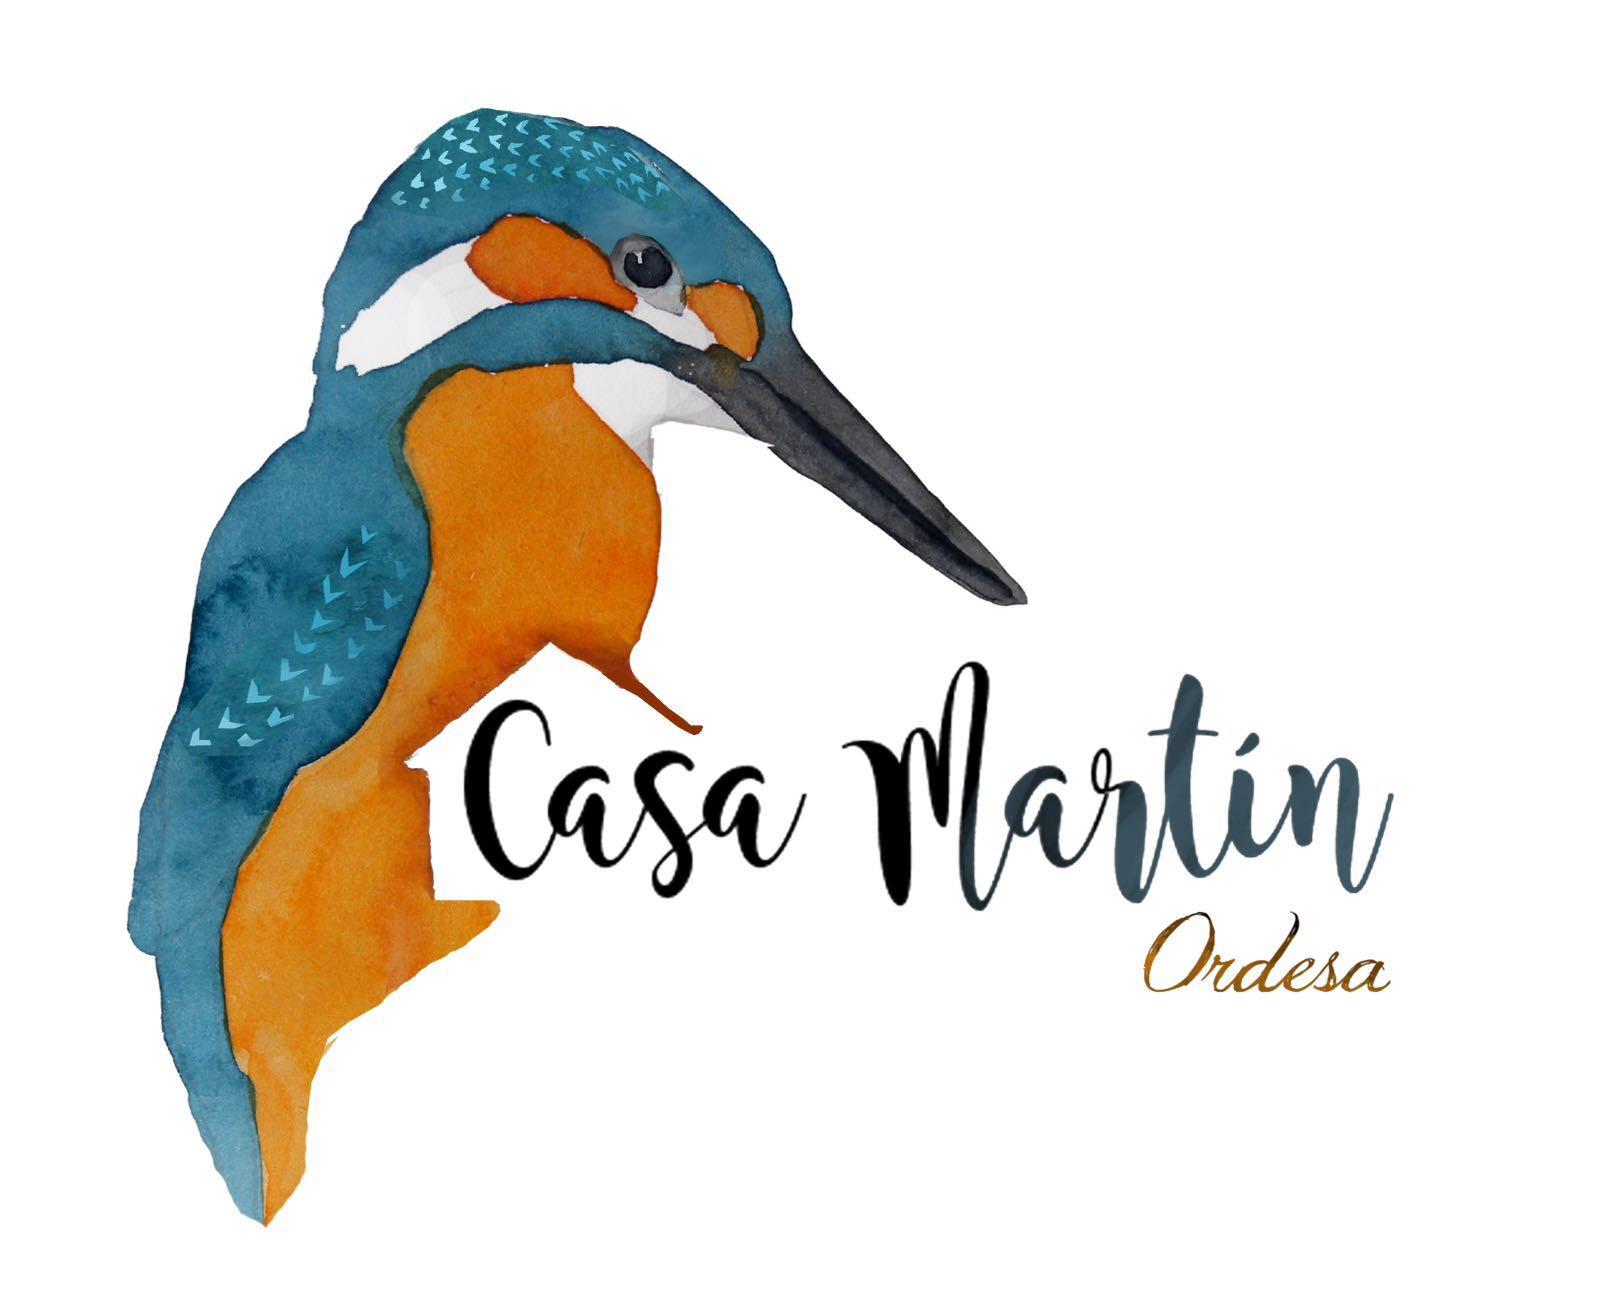 Imagen de Casa Martín Ordesa,                                         propietario de Casa Martín